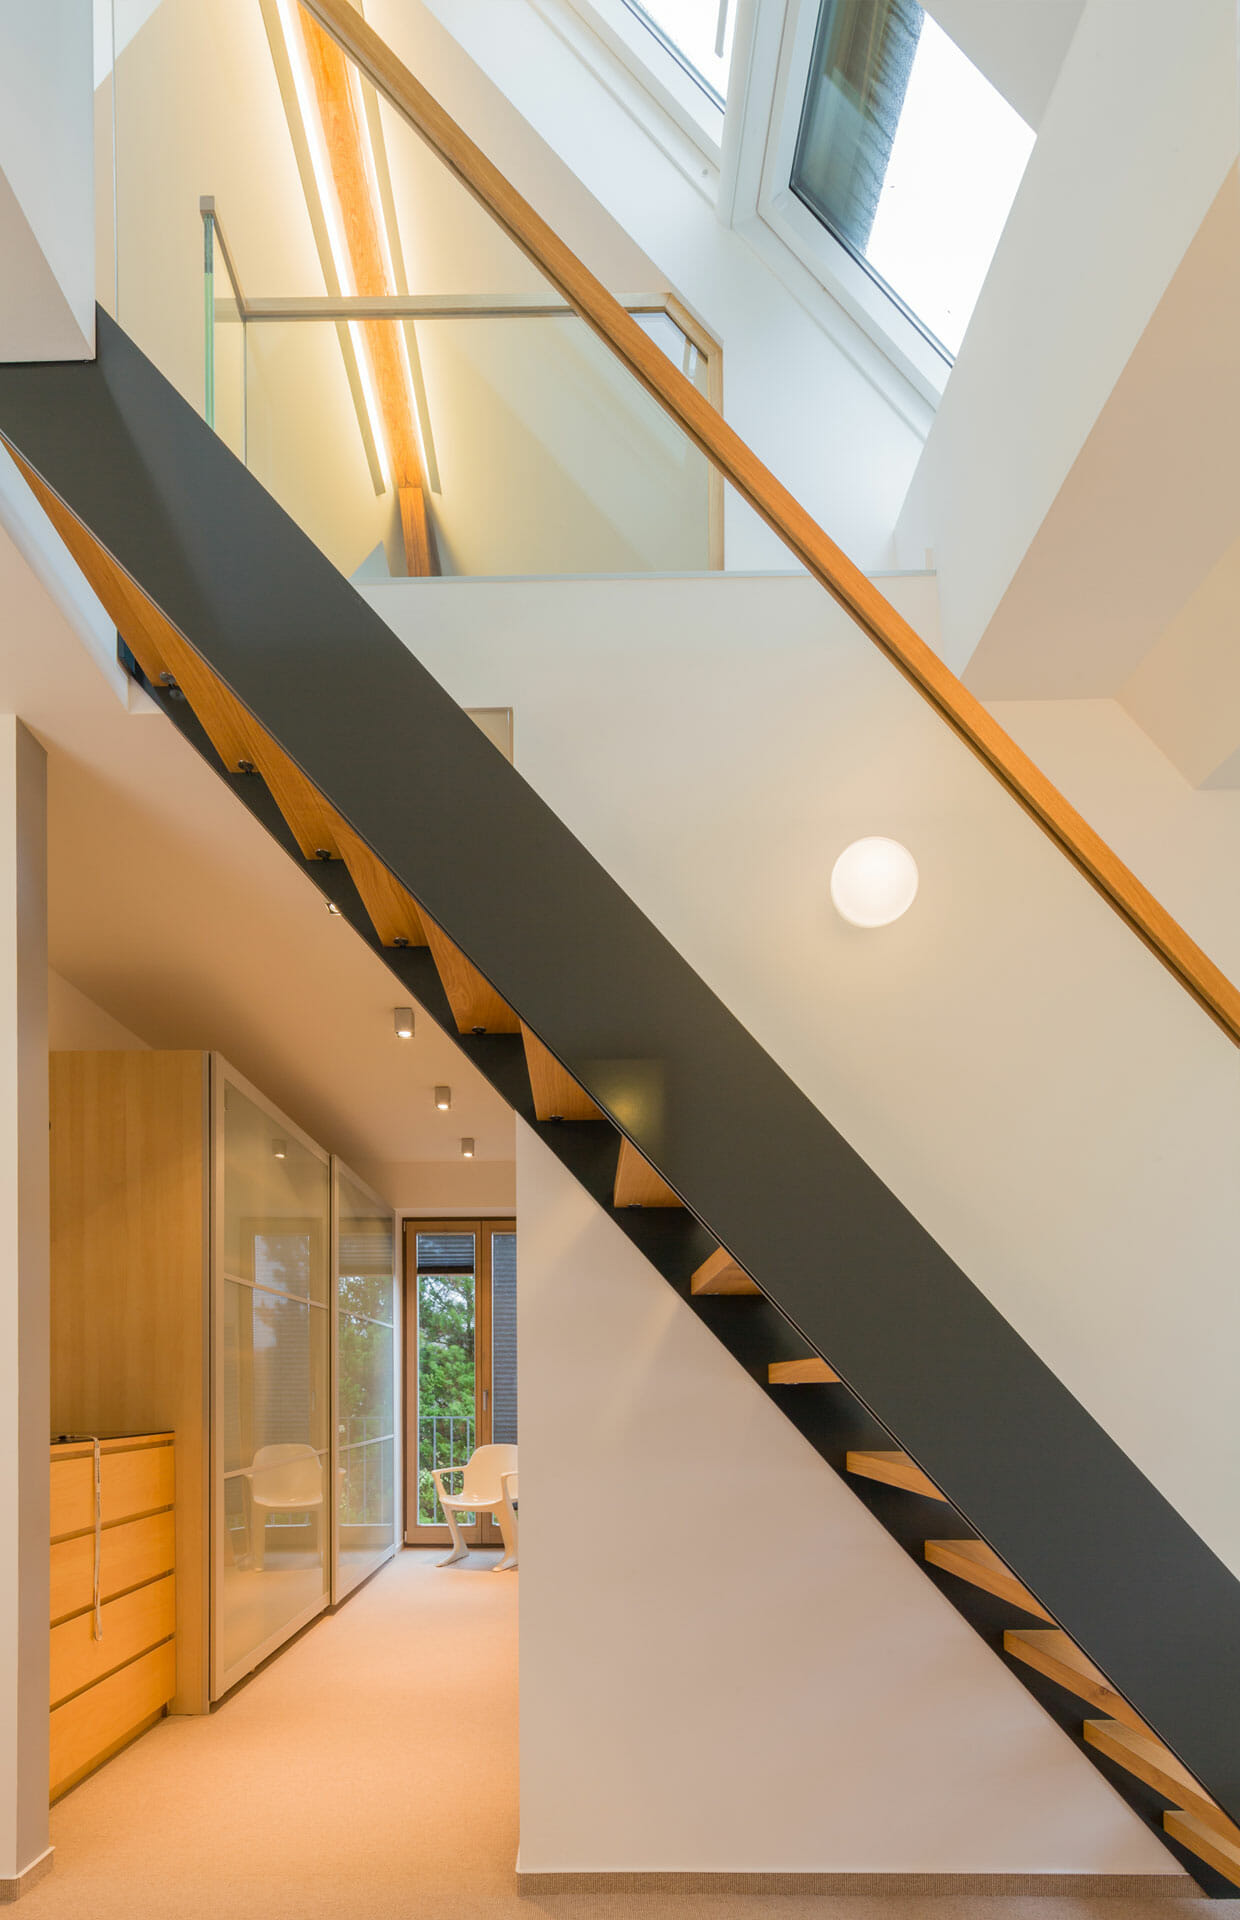 Innenausbau Dachgeschoss mit minimalistischer Treppe aus Stahl, Holz und Glas